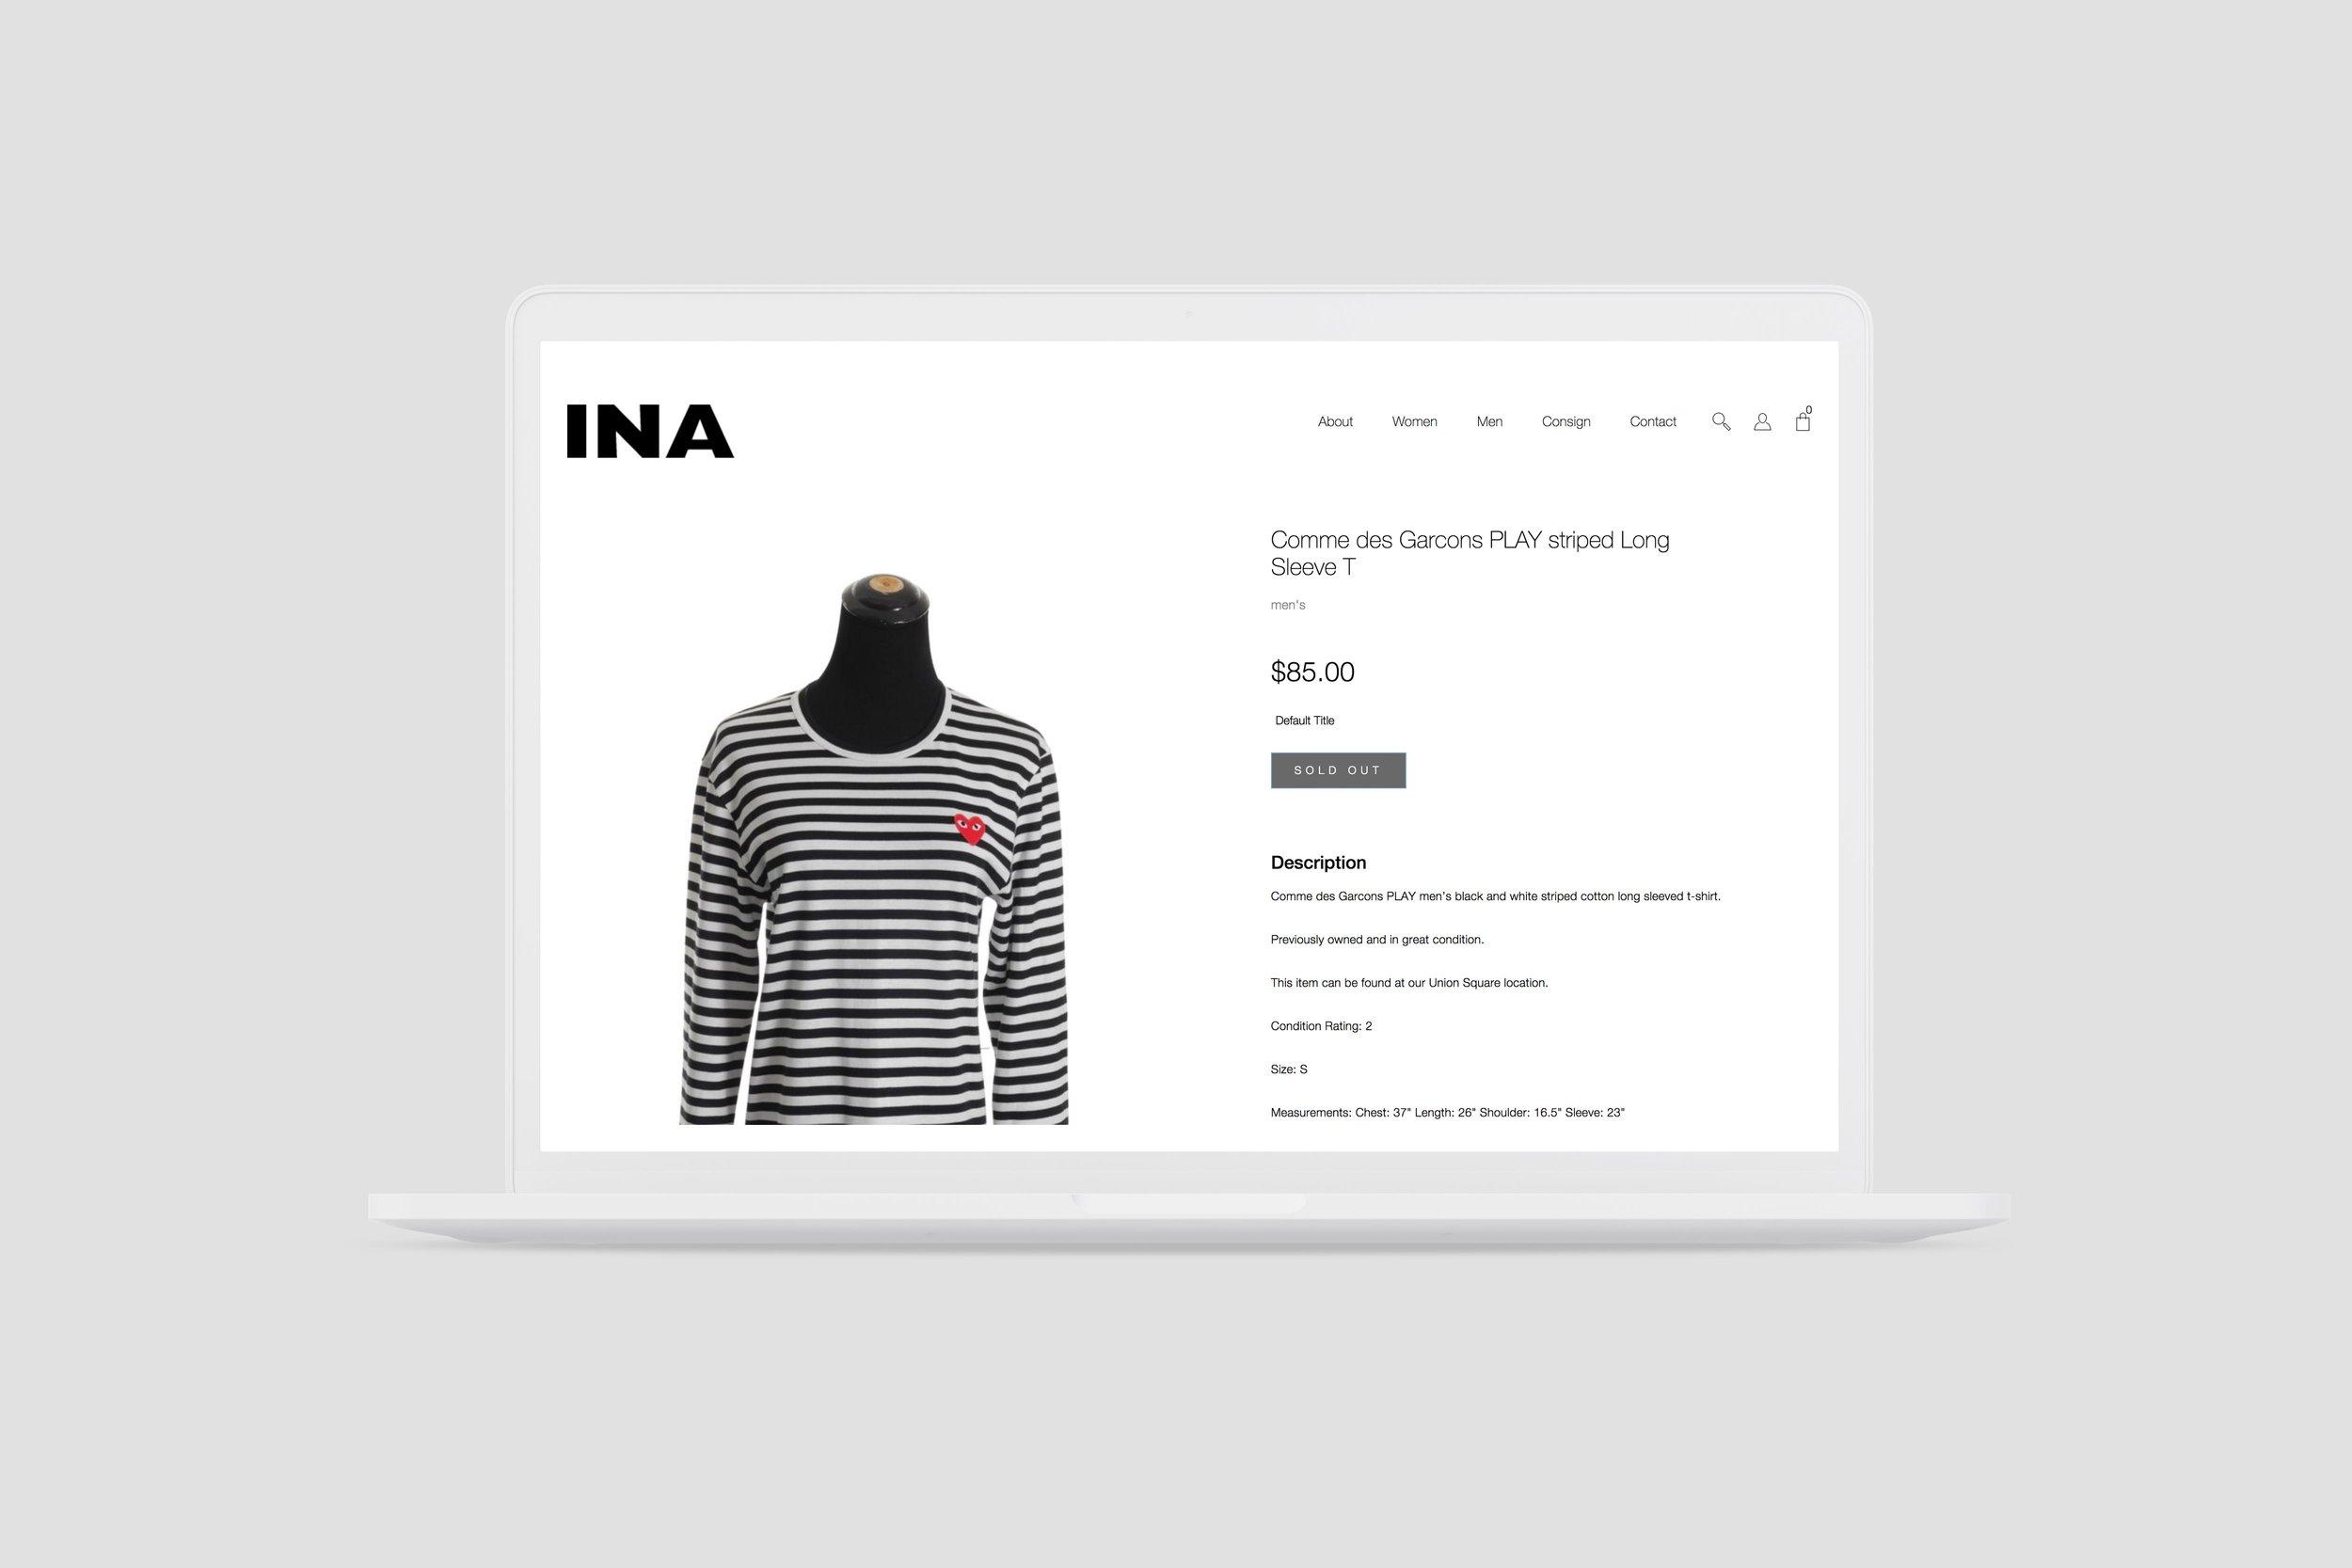 ina(5).jpg